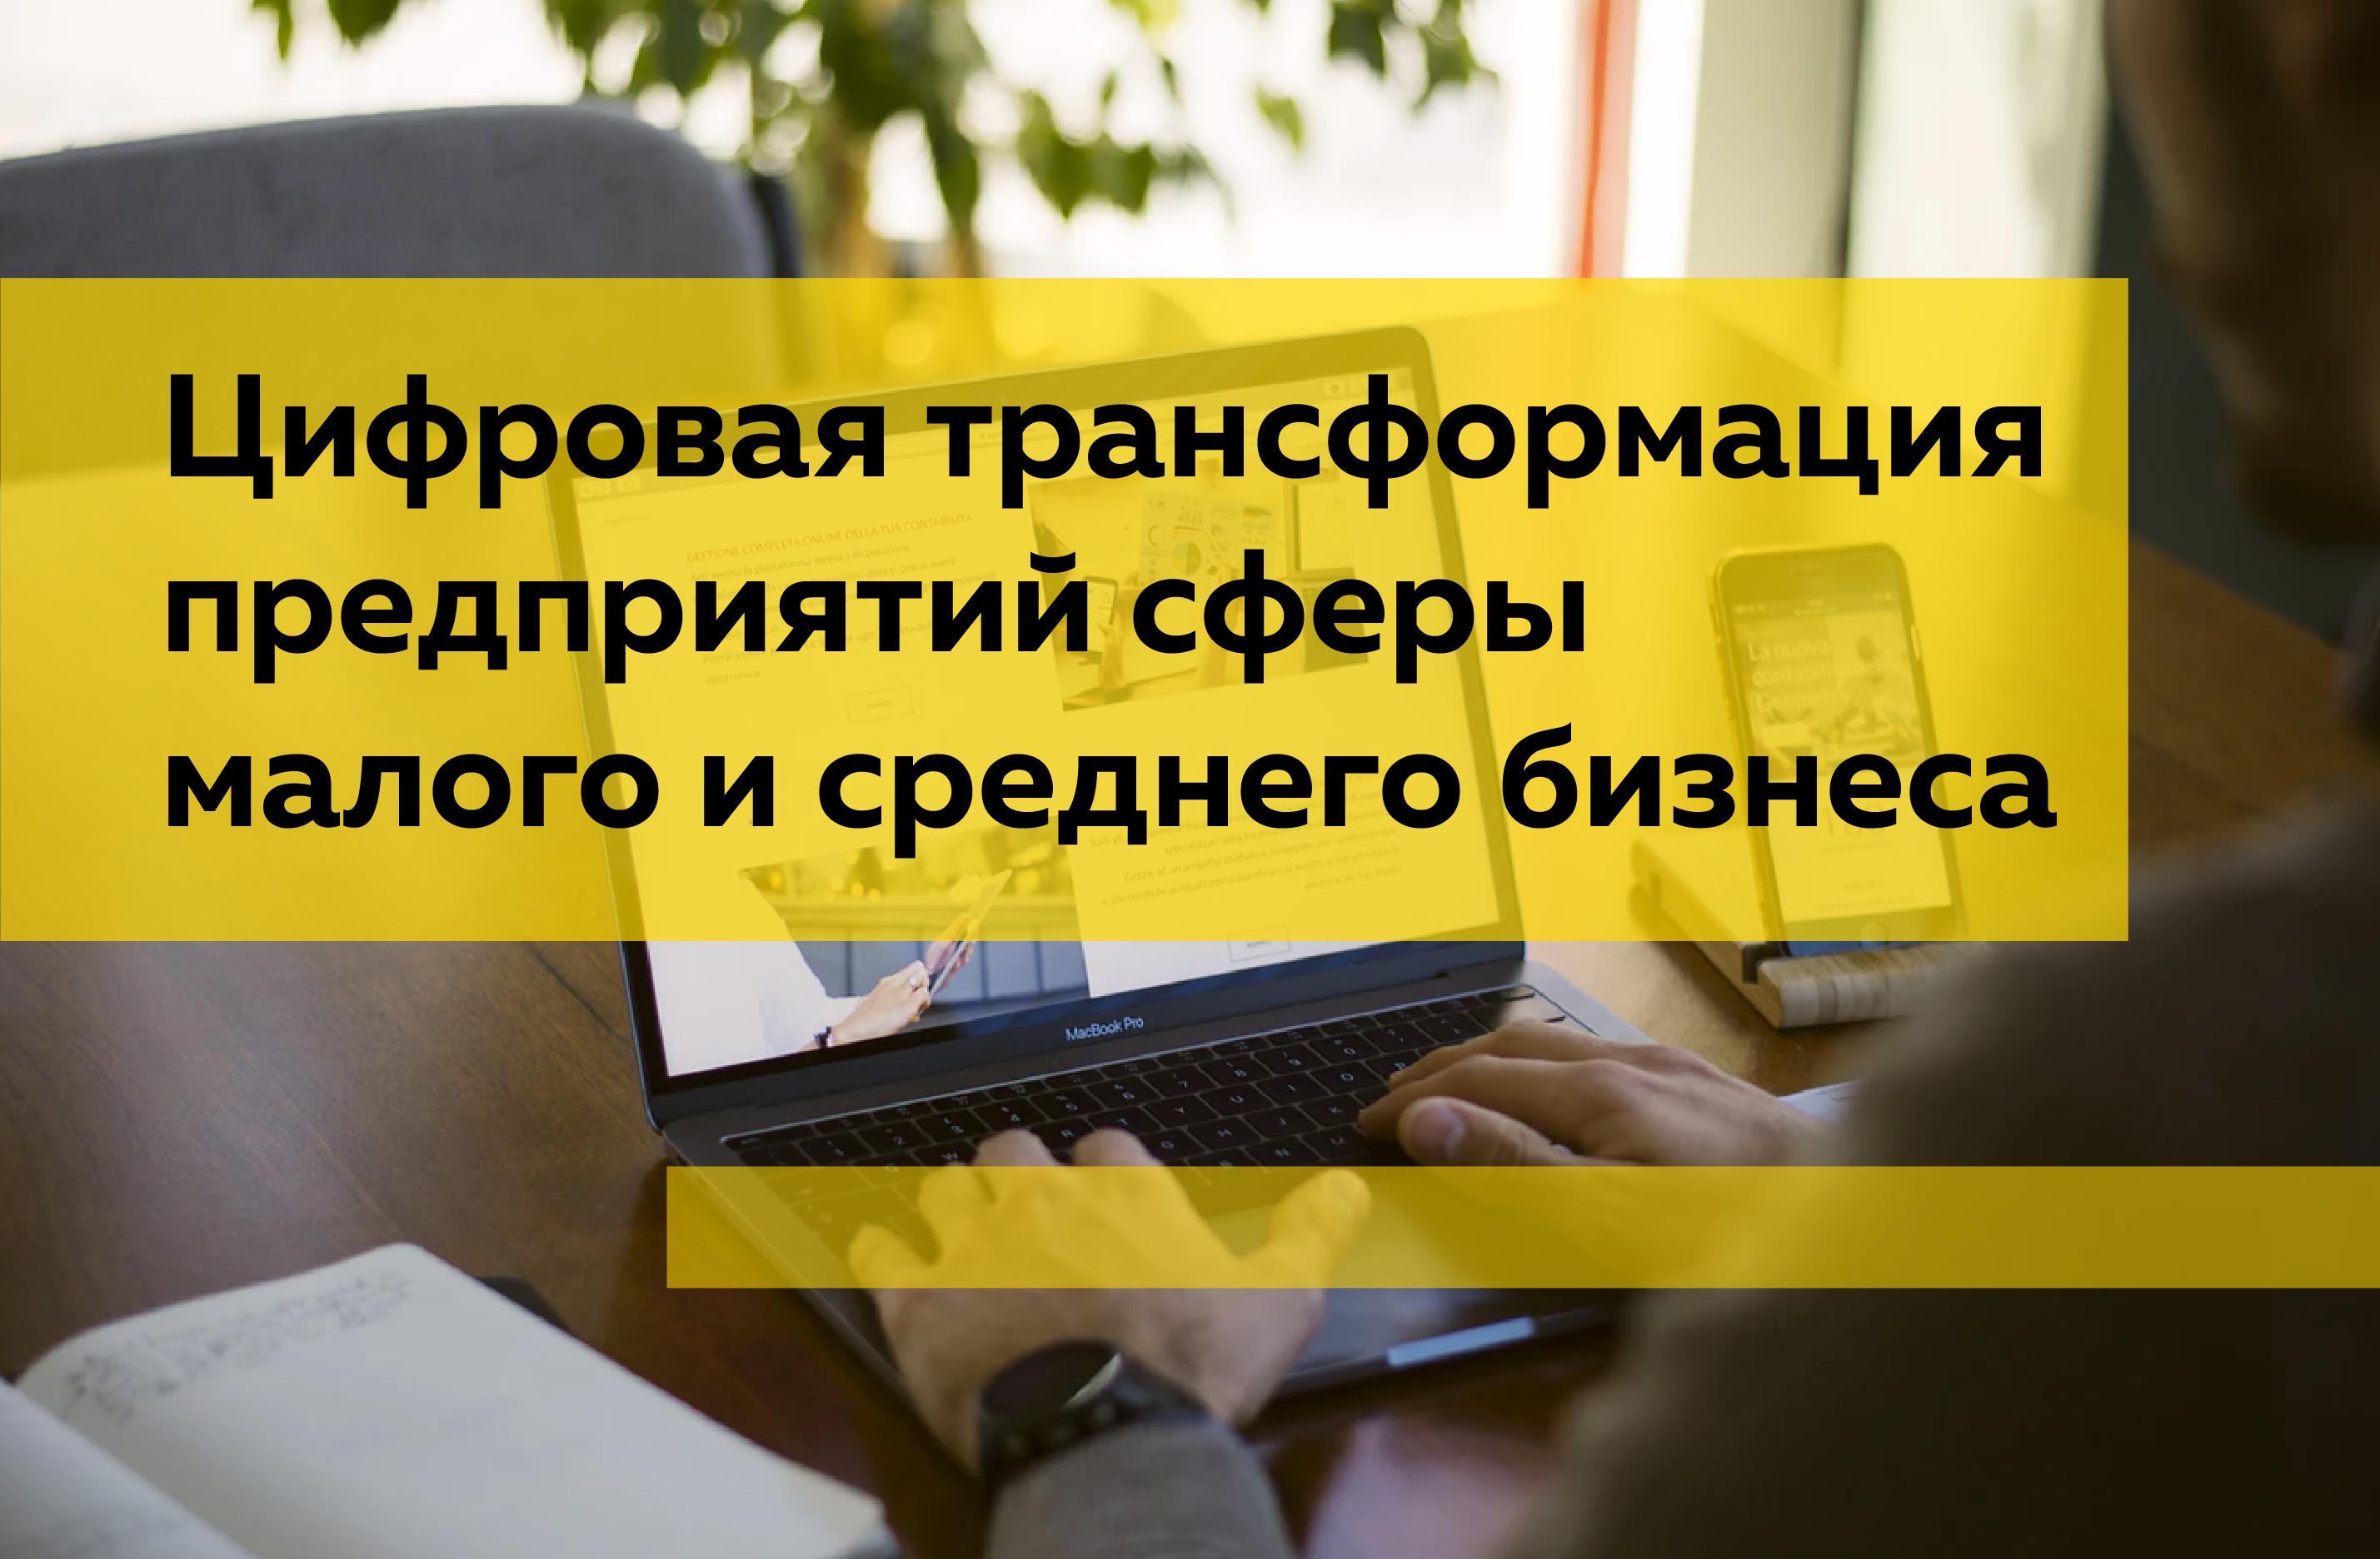 Цифровая трансформация предприятий сферы малого и среднего бизнеса